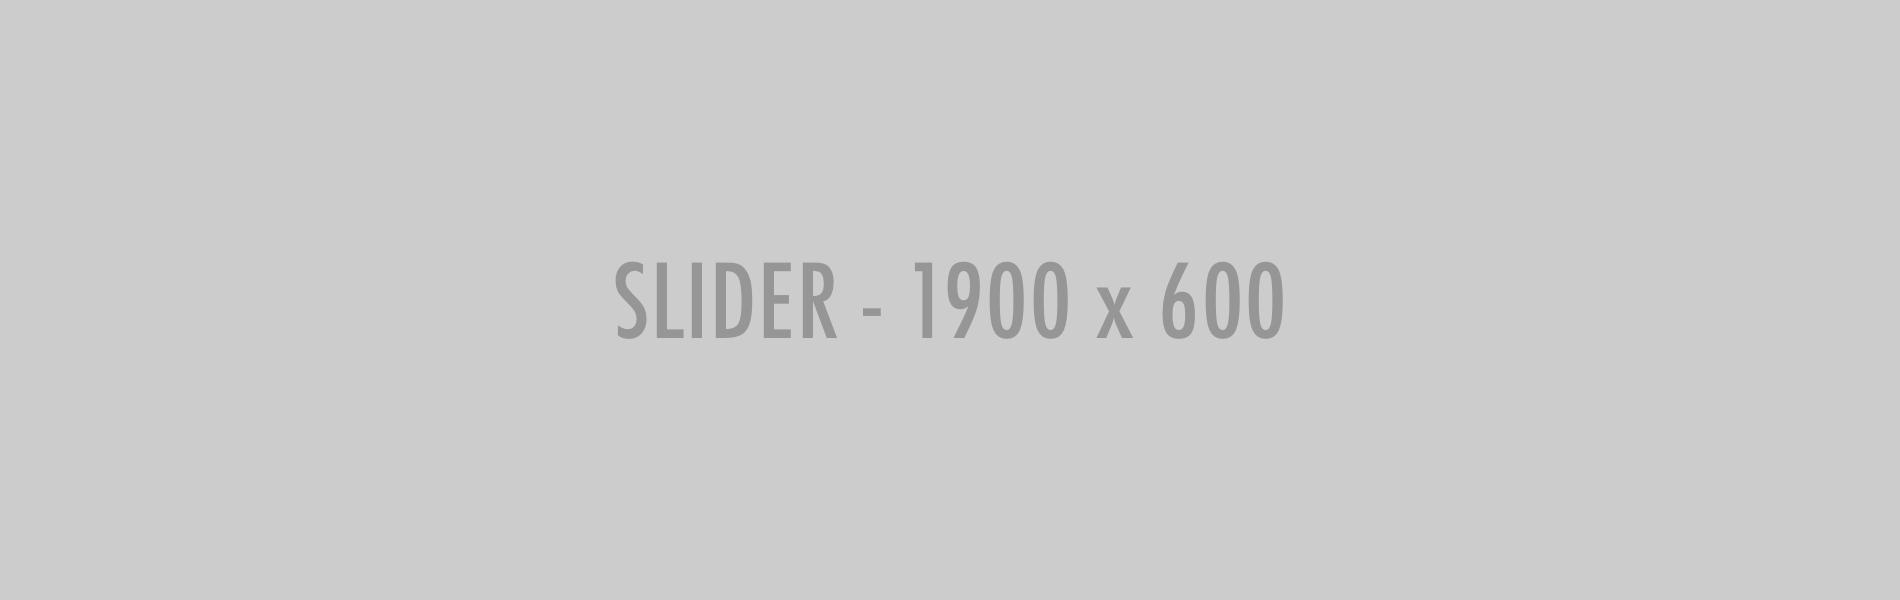 slider-1900×600